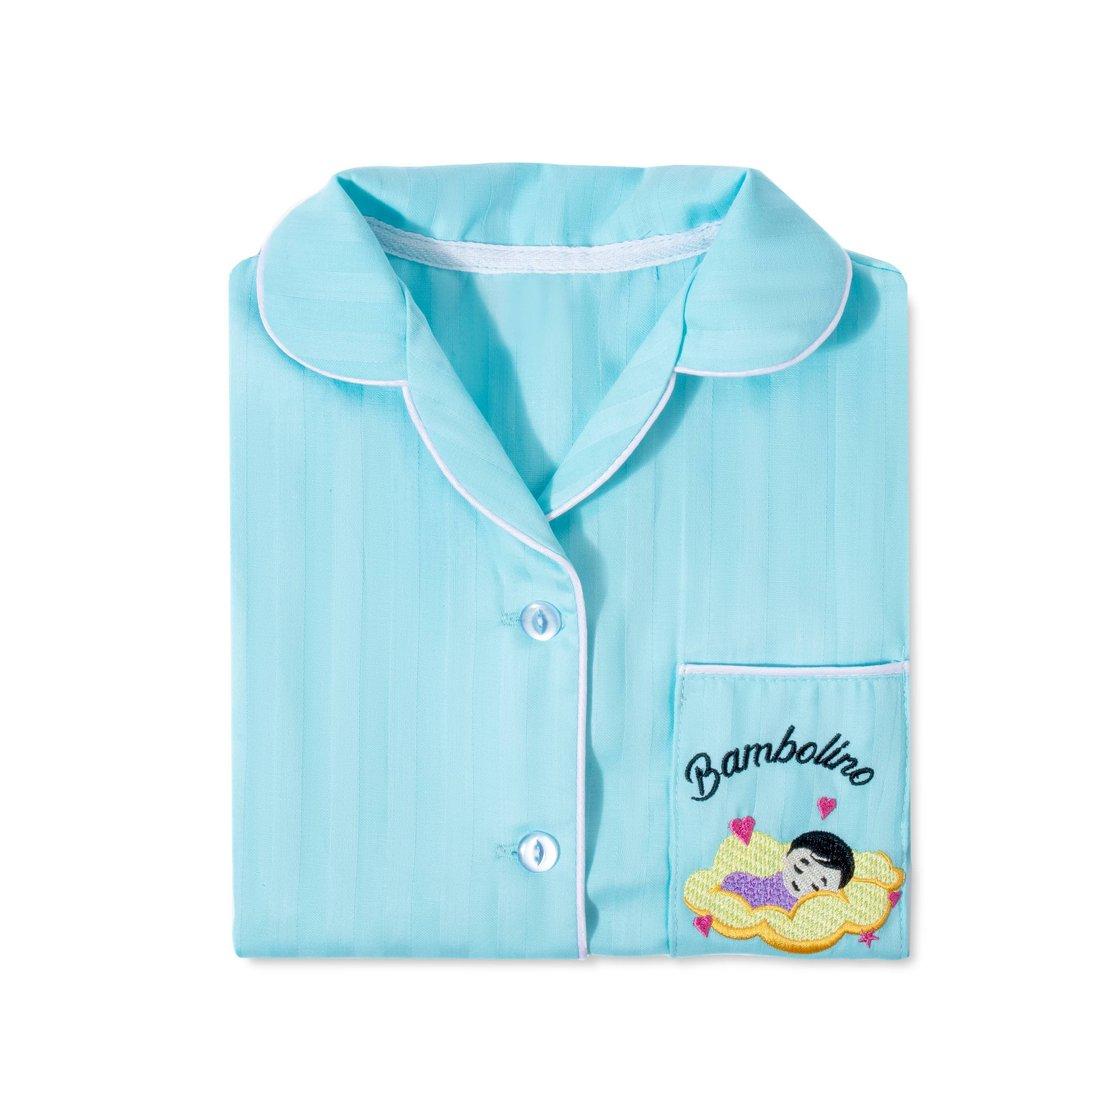 Купить Детская пижама Bambolino, голубая 104, Mixit